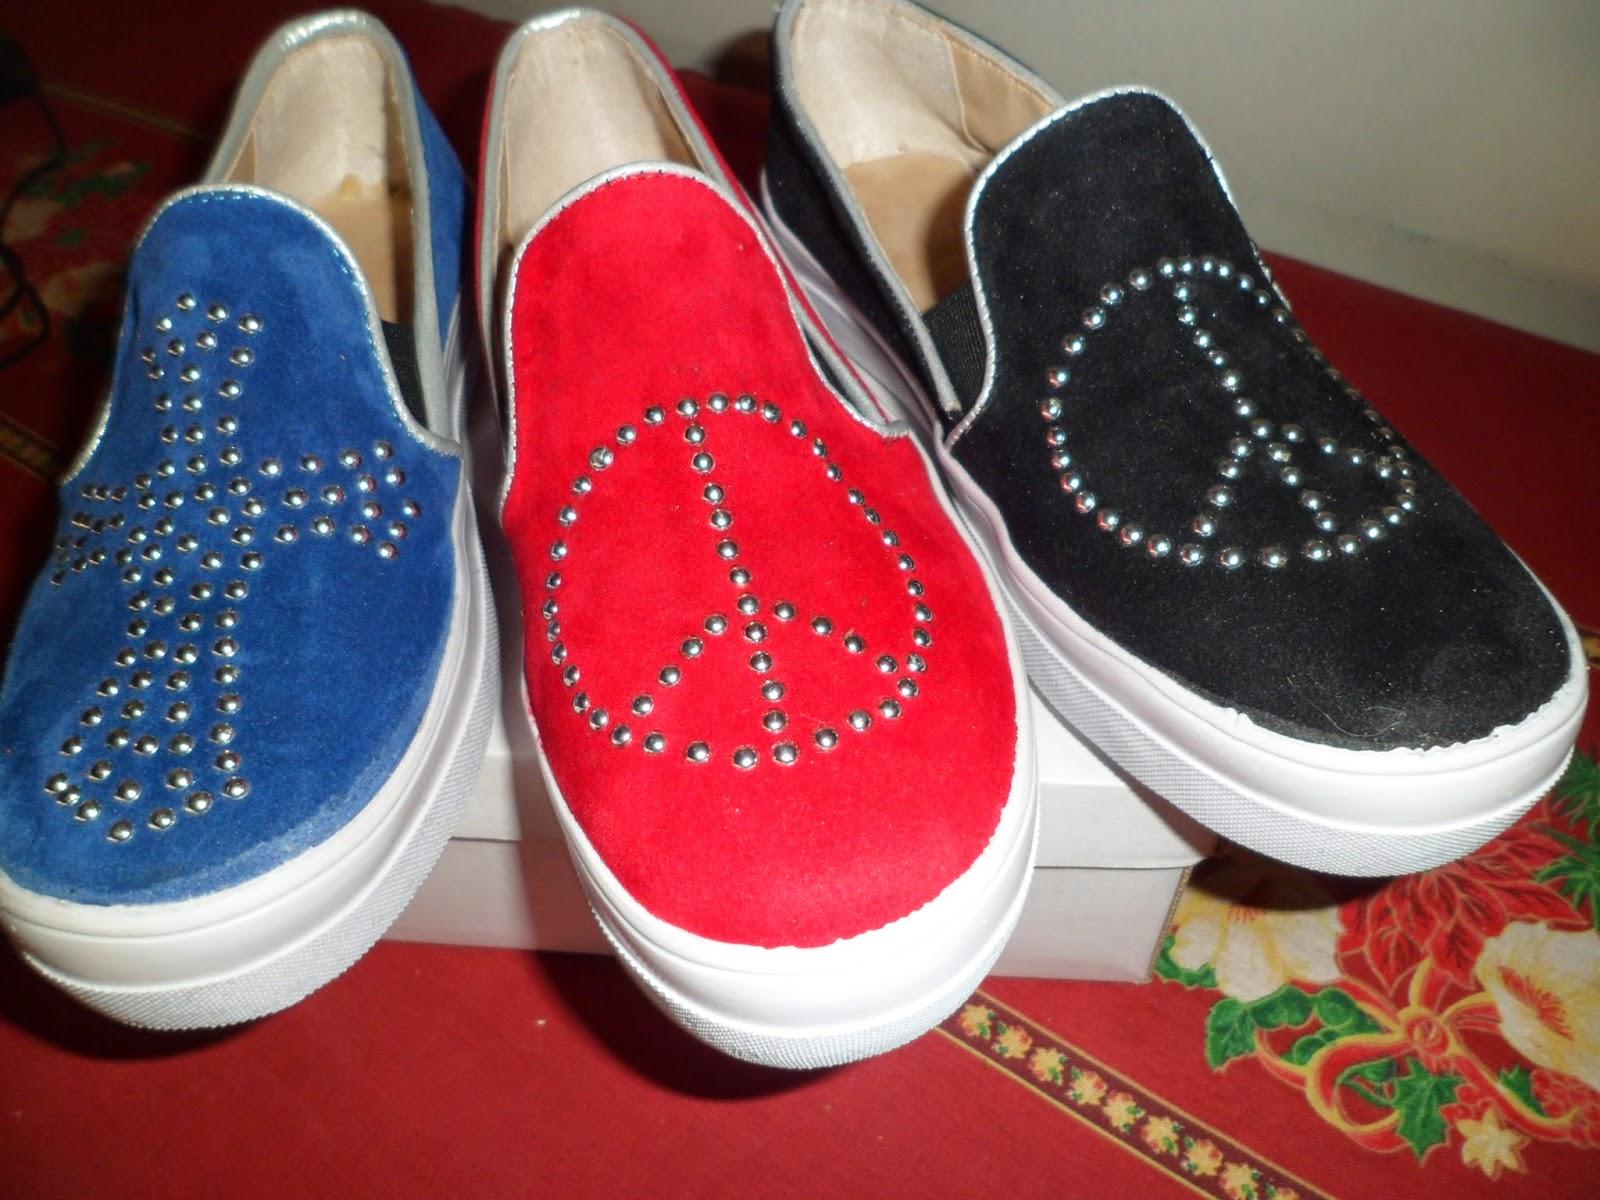 ded90bd2 Venta de zapatos por mayor/zapatos colegiales para ninos y niñas